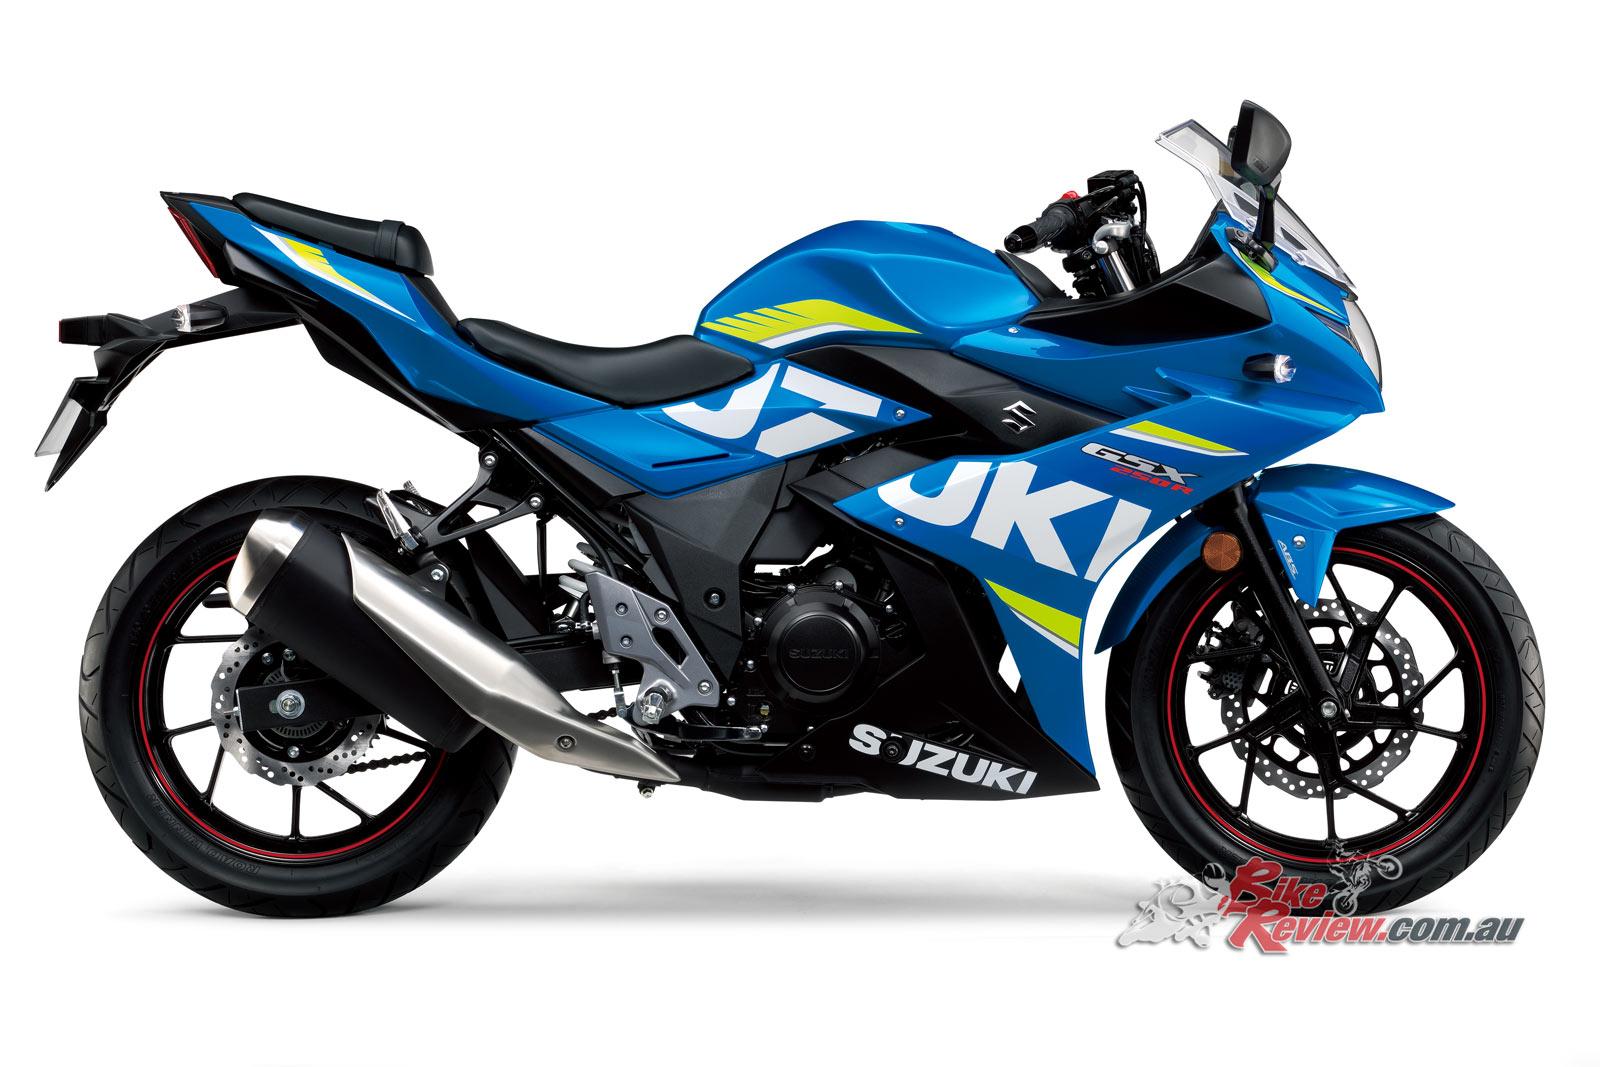 2017 Suzuki GSX250R, Metallic Triton Blue